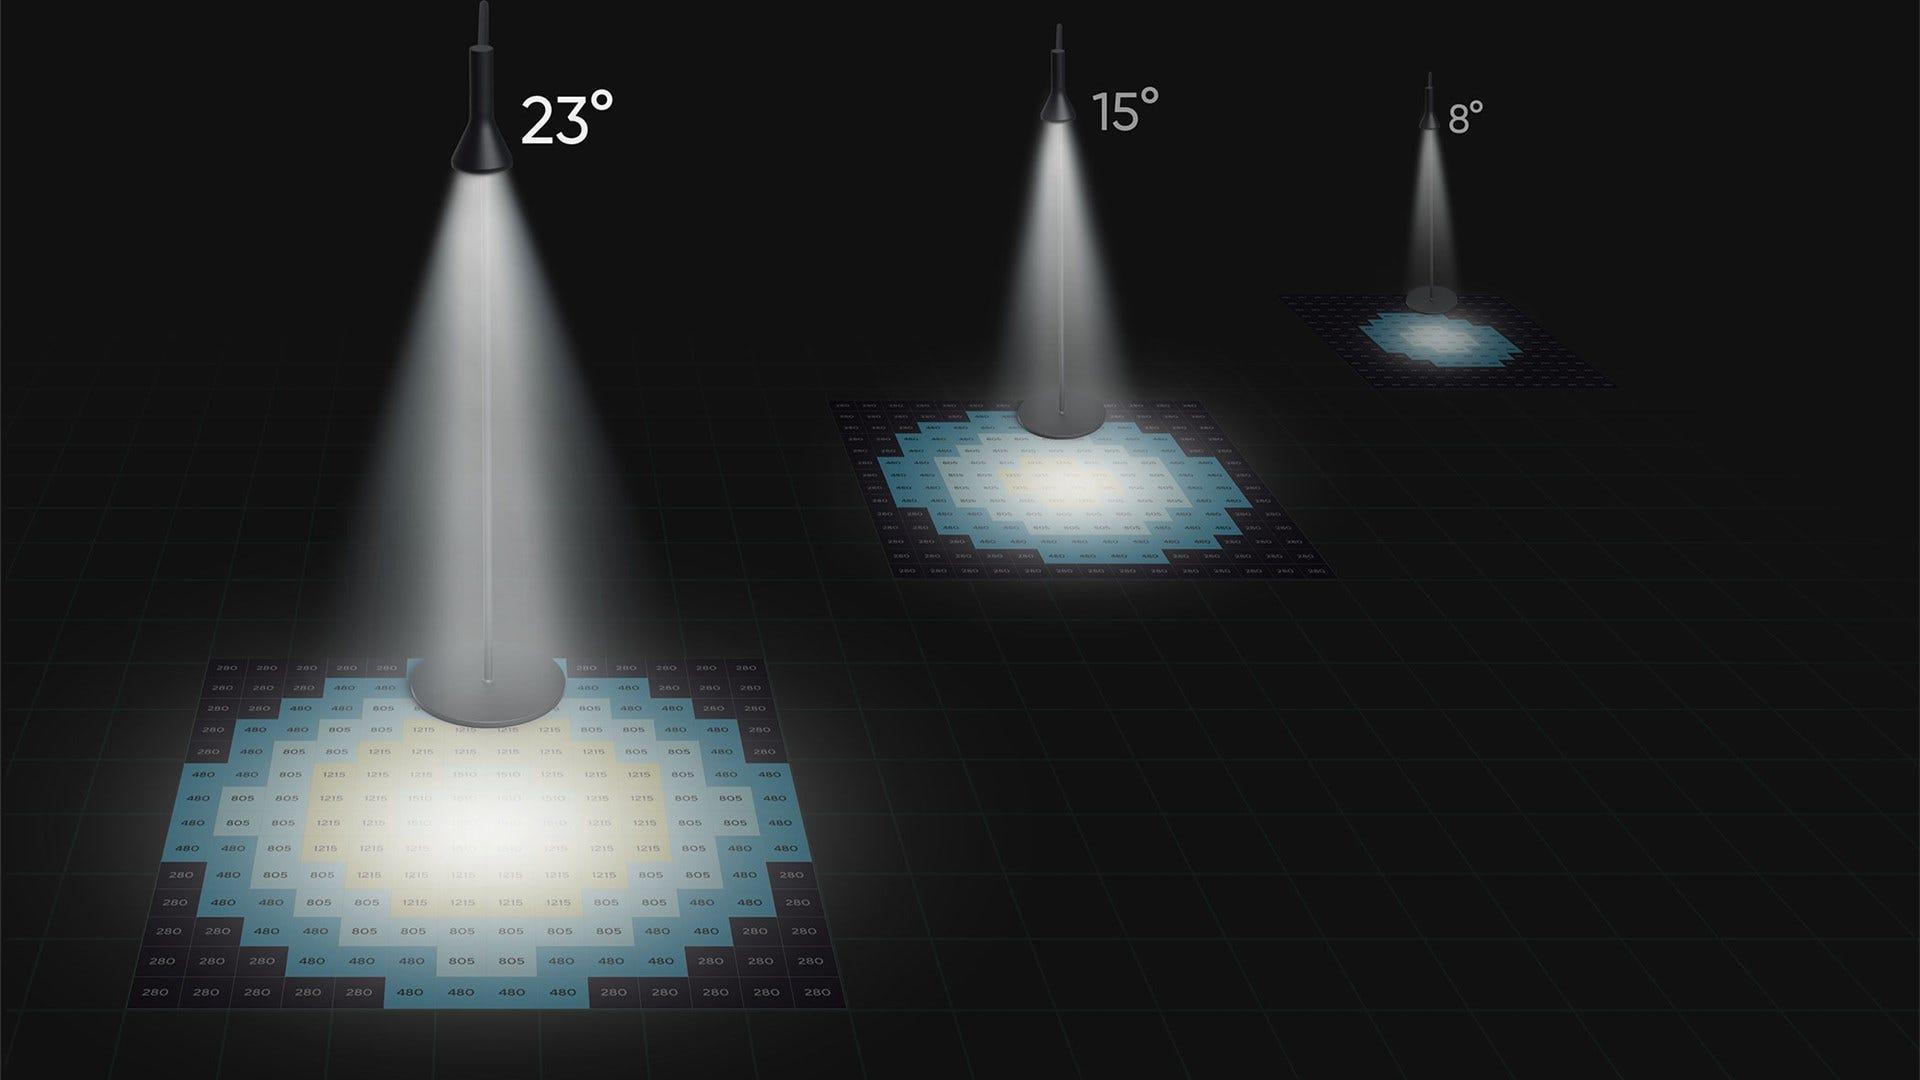 Изображение, подчеркивающее распространение света на разных уровнях яркости.